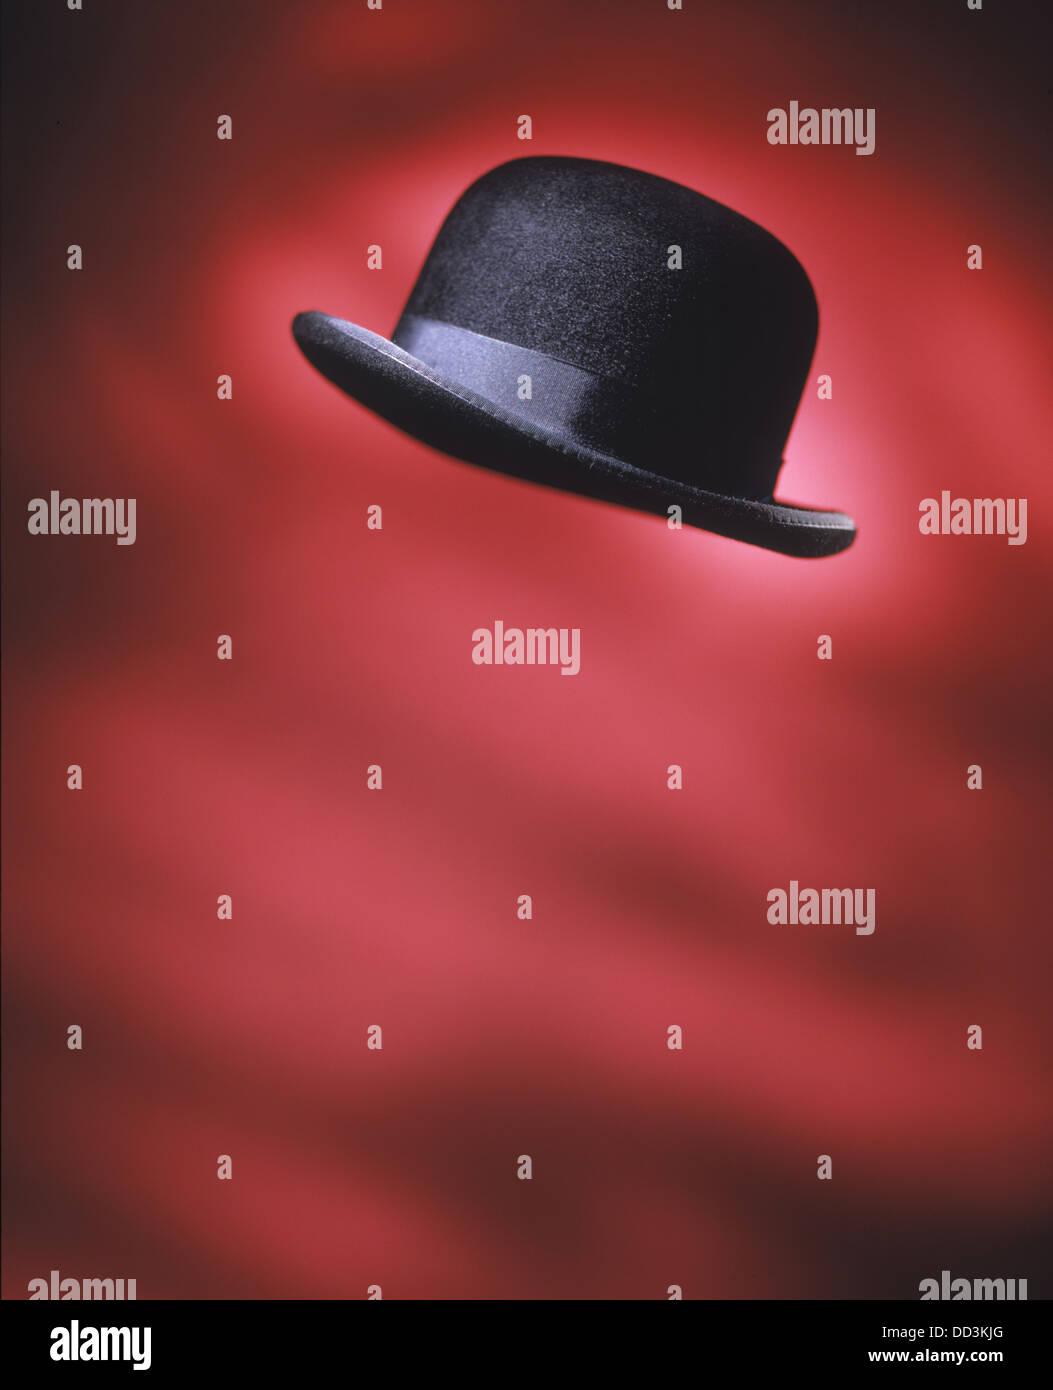 Un negro mens derby hat volando en el aire. Fondo rojo brillante Imagen De Stock